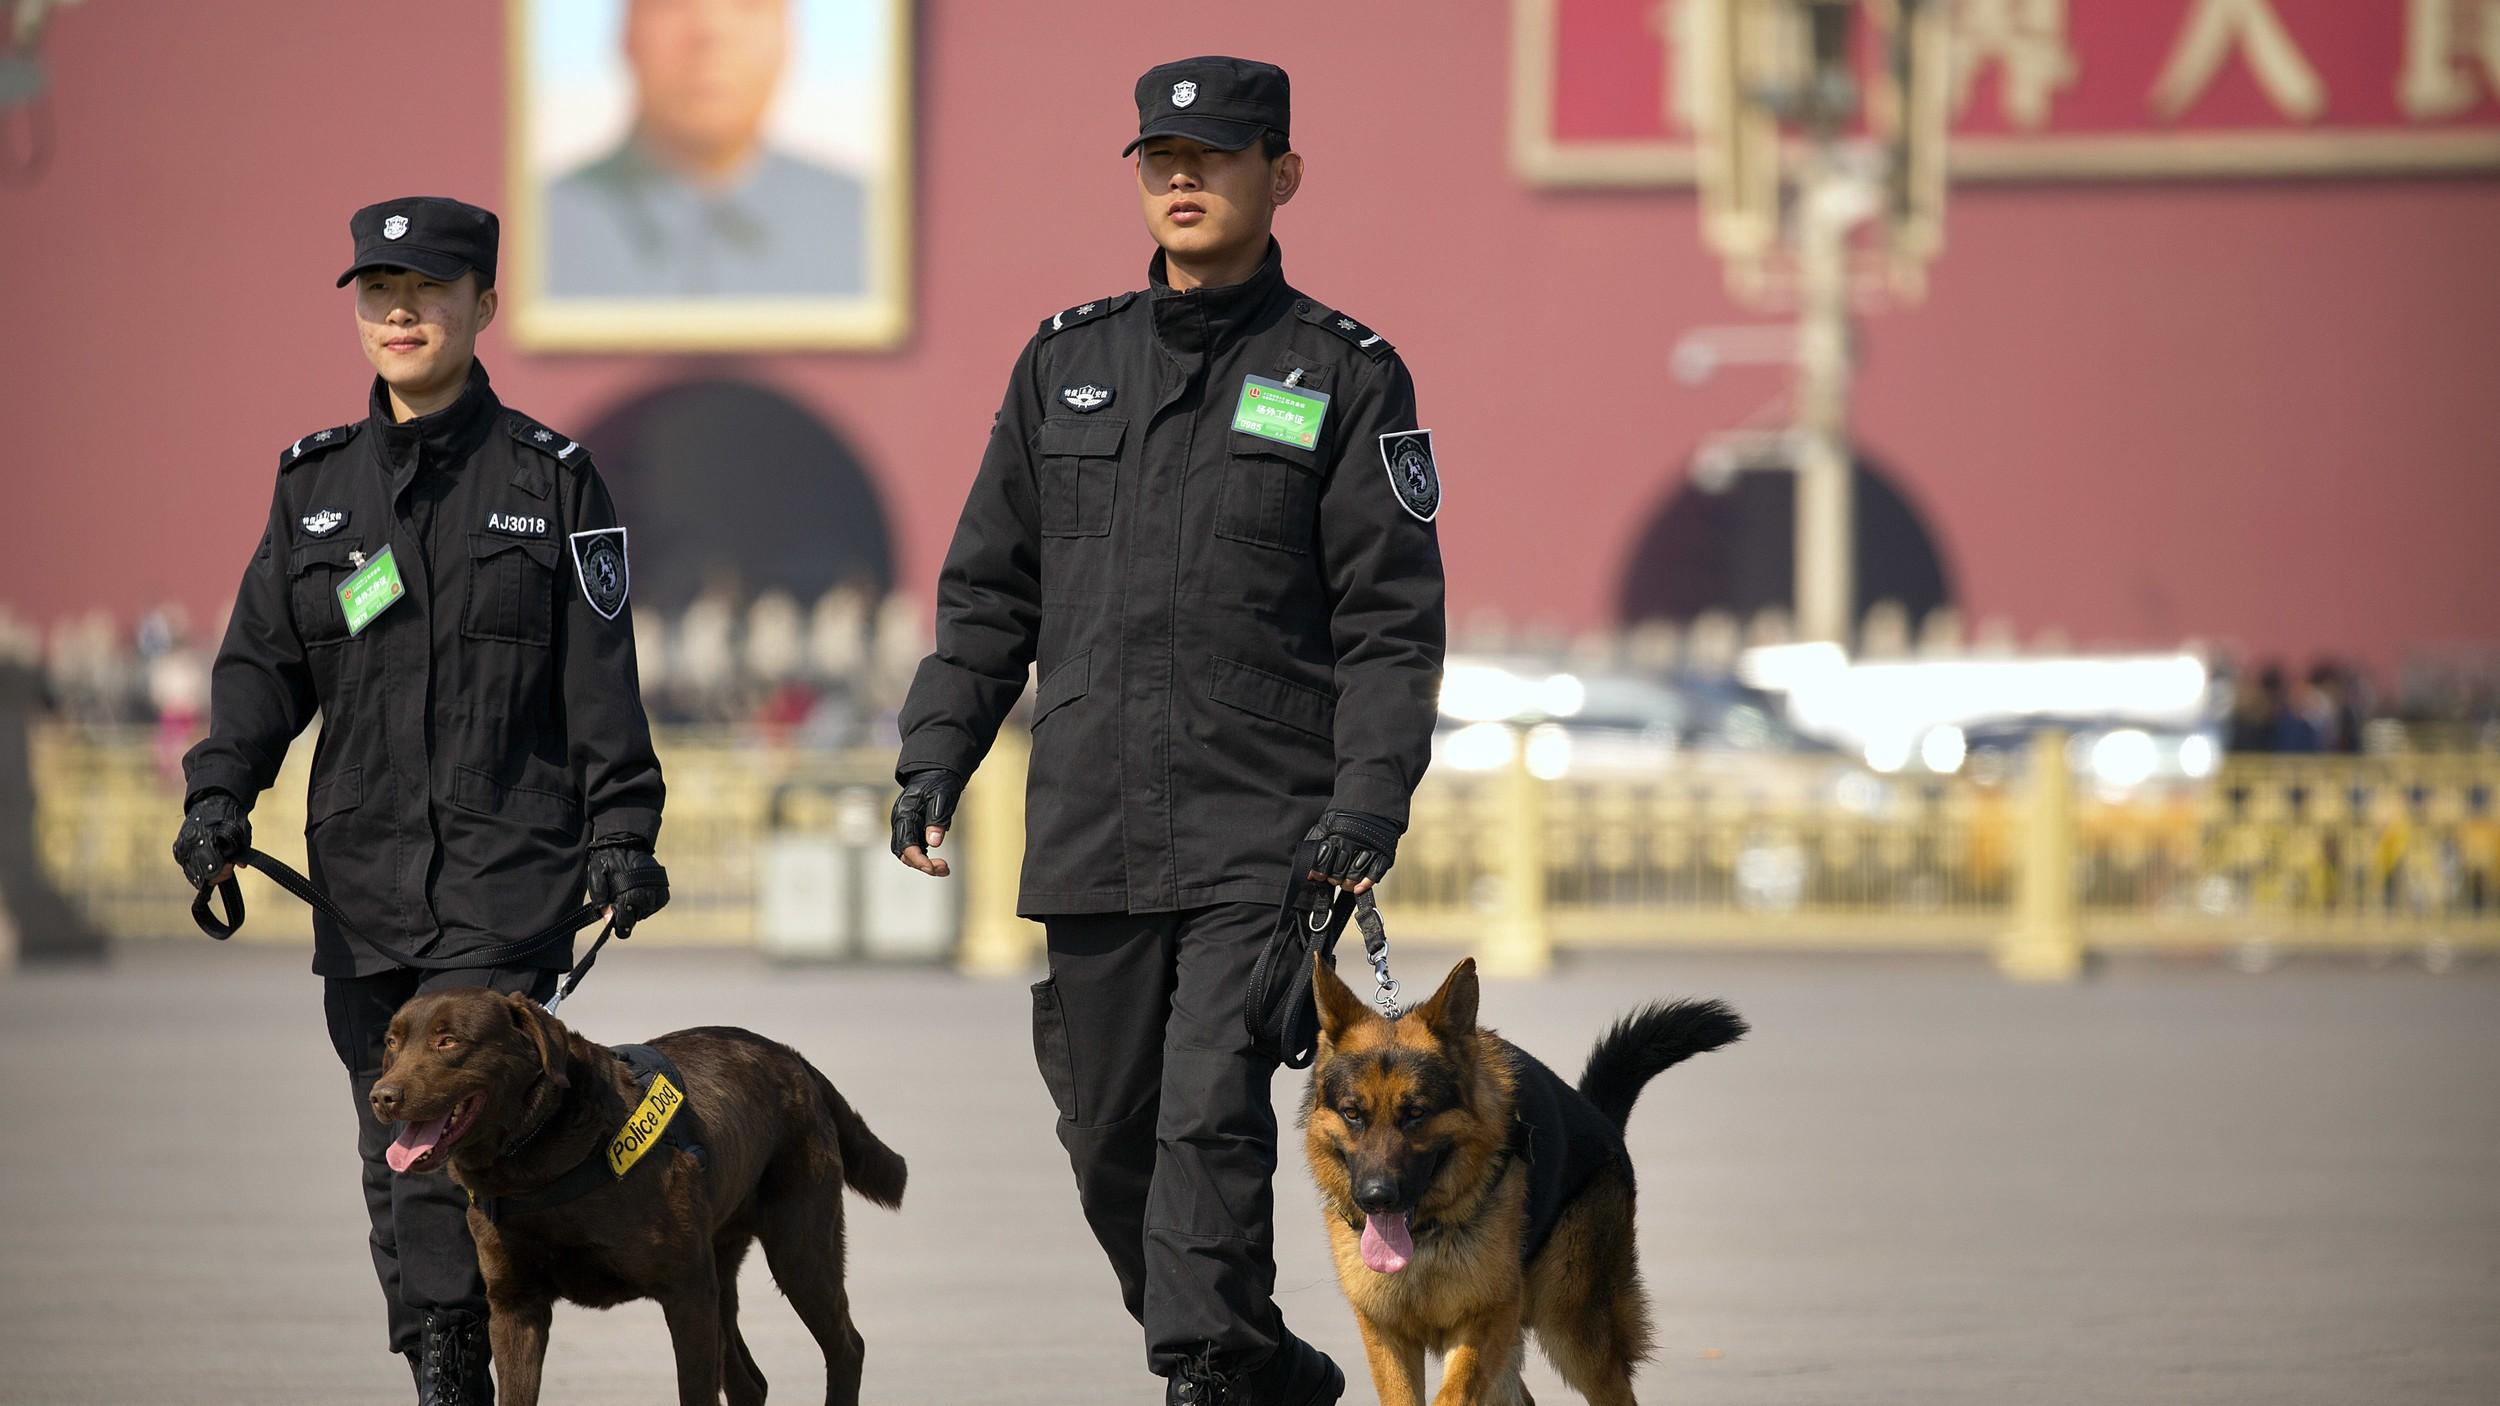 工作犬为党付出,却得不到中国对狗权的正视。(美联社)